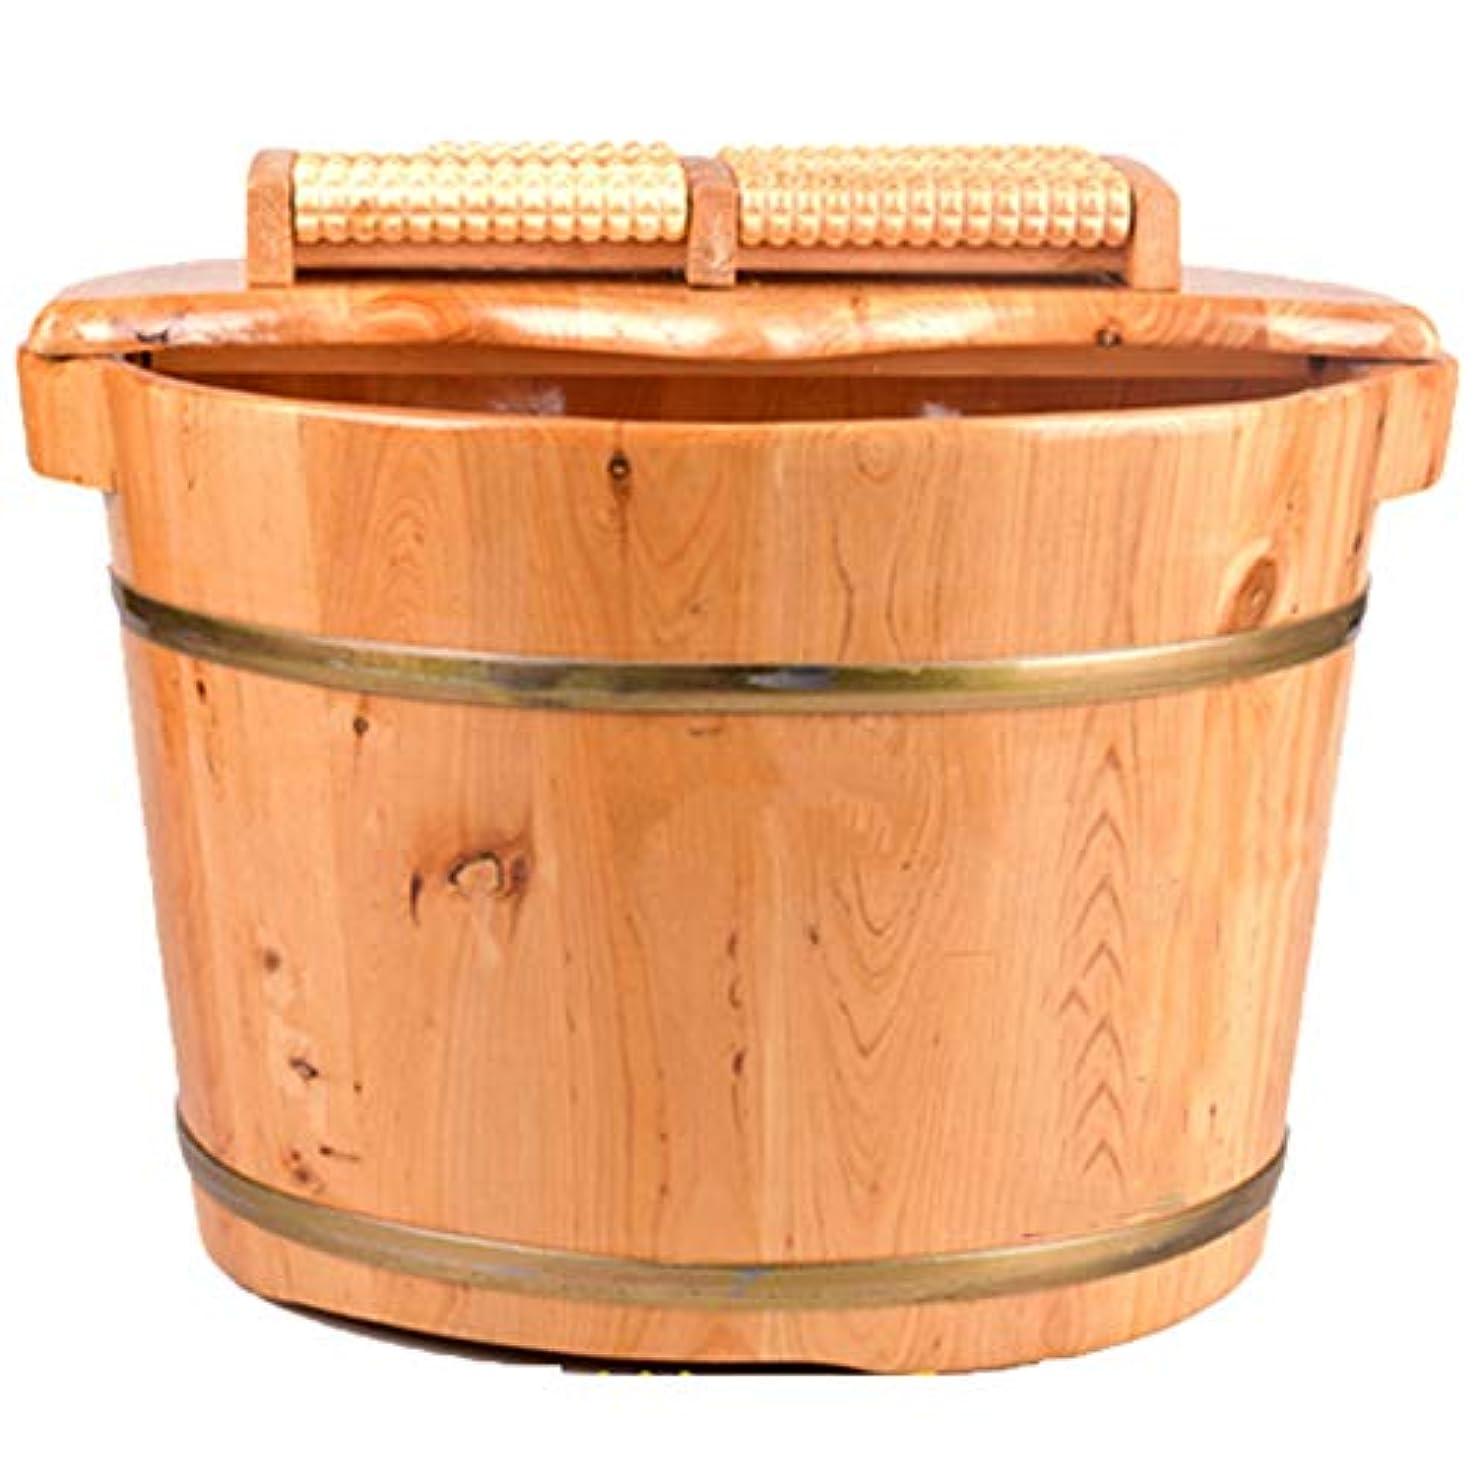 ヨーロッパボーナス断言するペディキュア盆地,軽量の木製家庭の木製の樽の足湯バスソリッドウッドの木管大人のトランペット